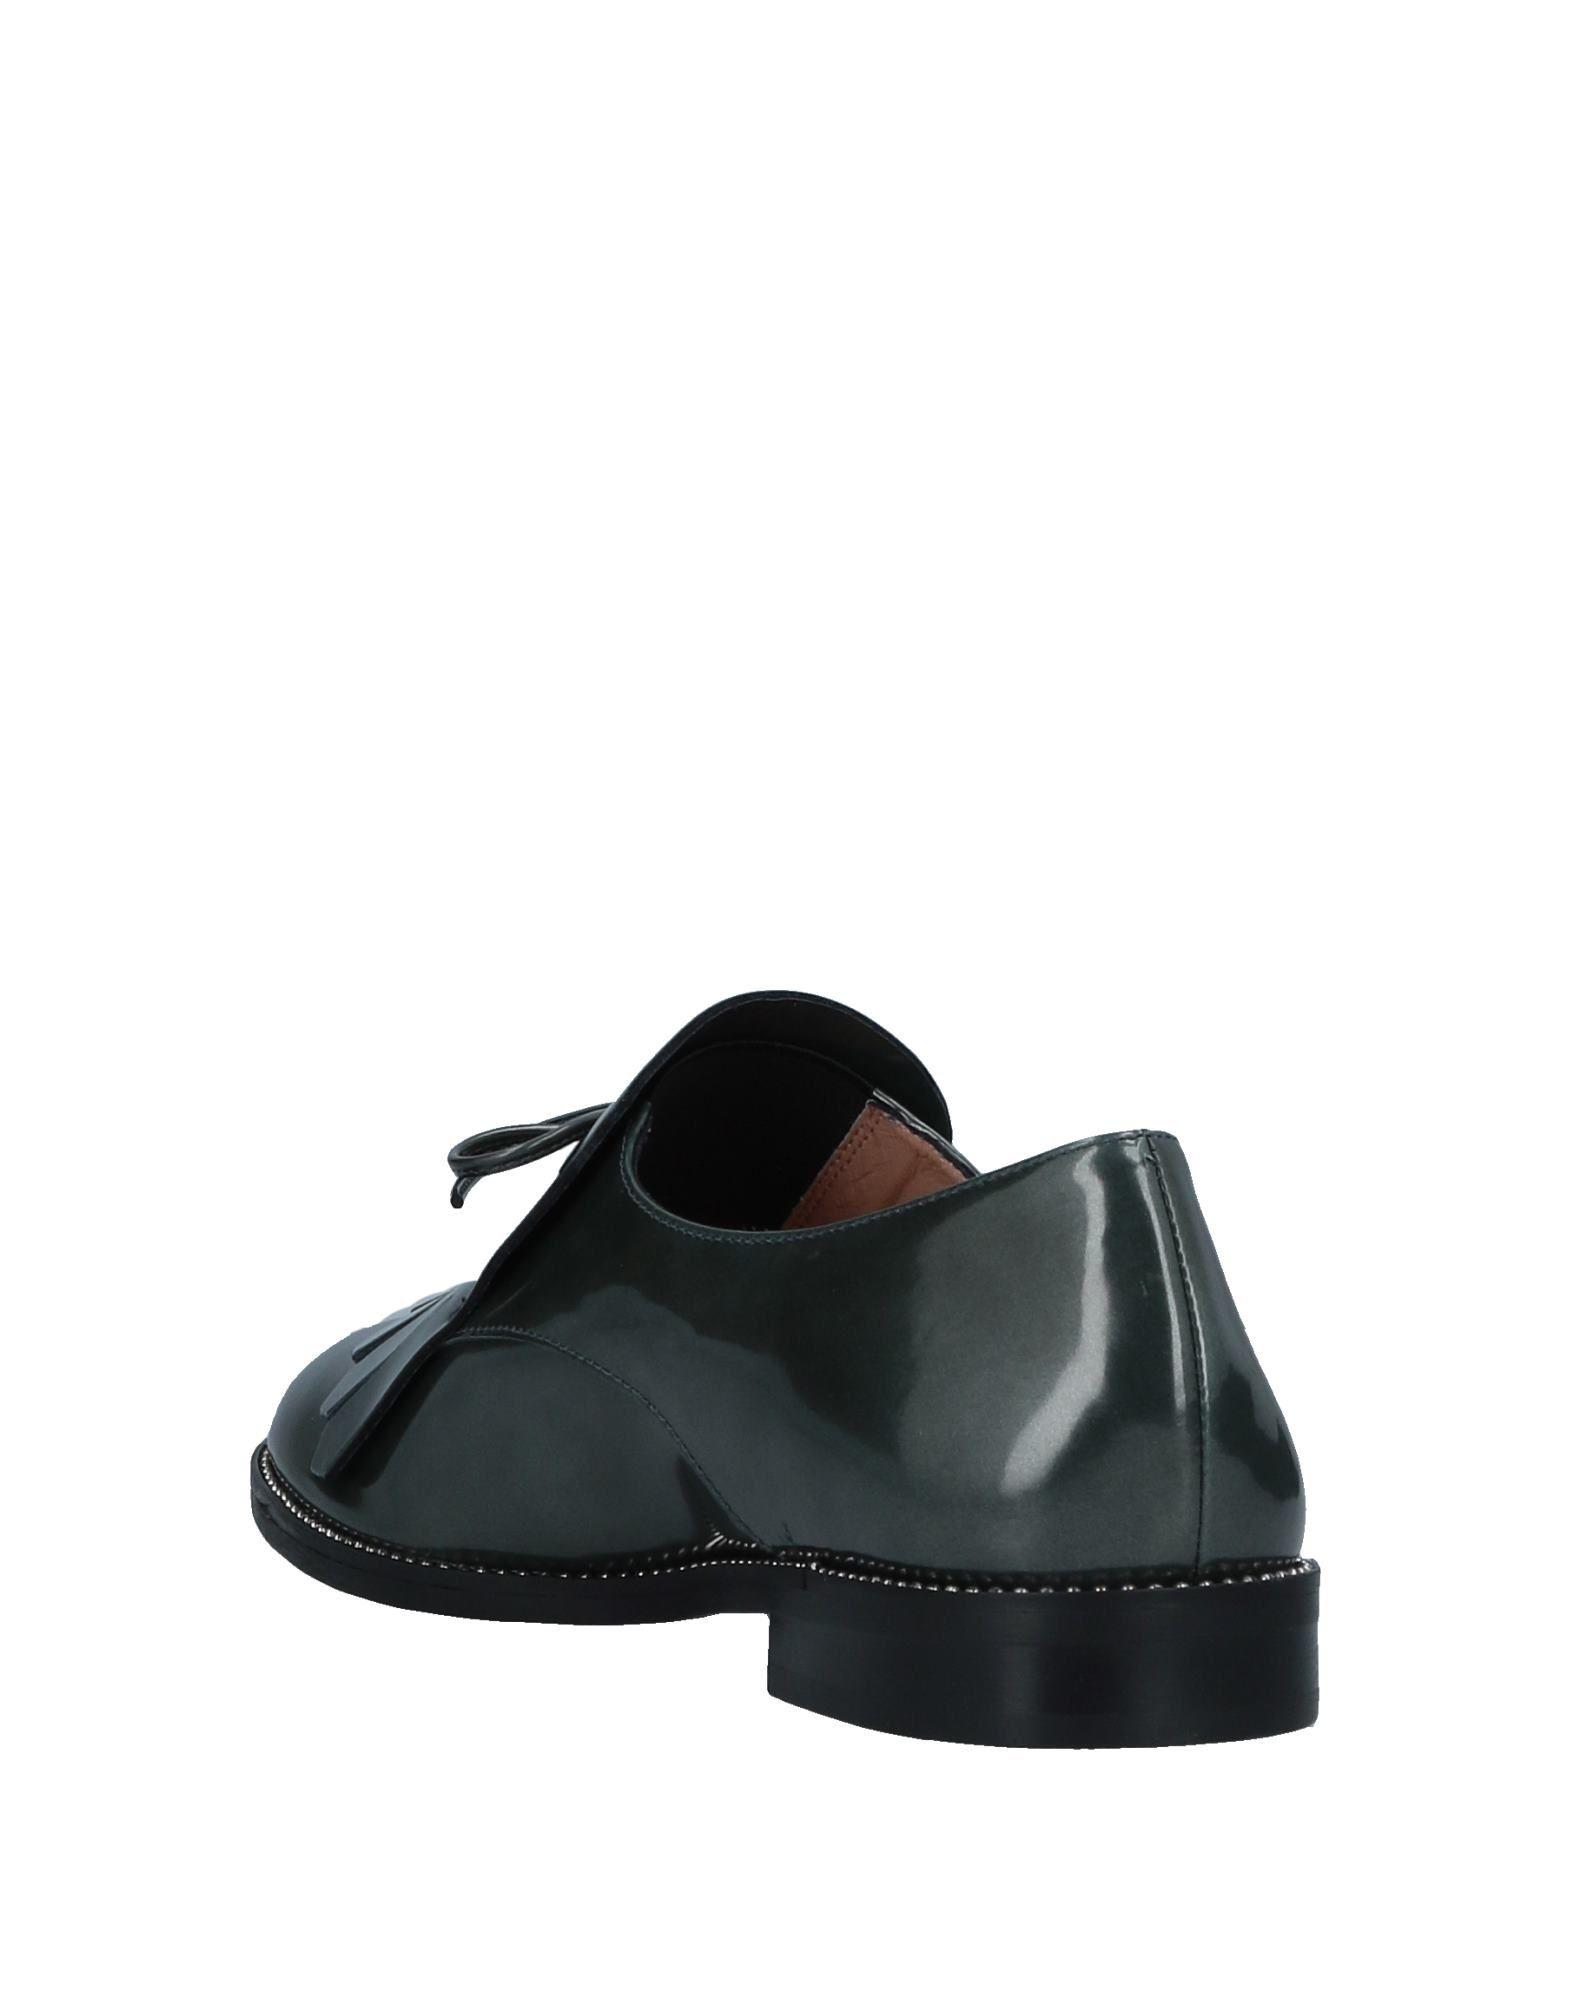 Gut um Morando billige Schuhe zu tragenAndrea Morando um Mokassins Damen  11531383CN b1e078